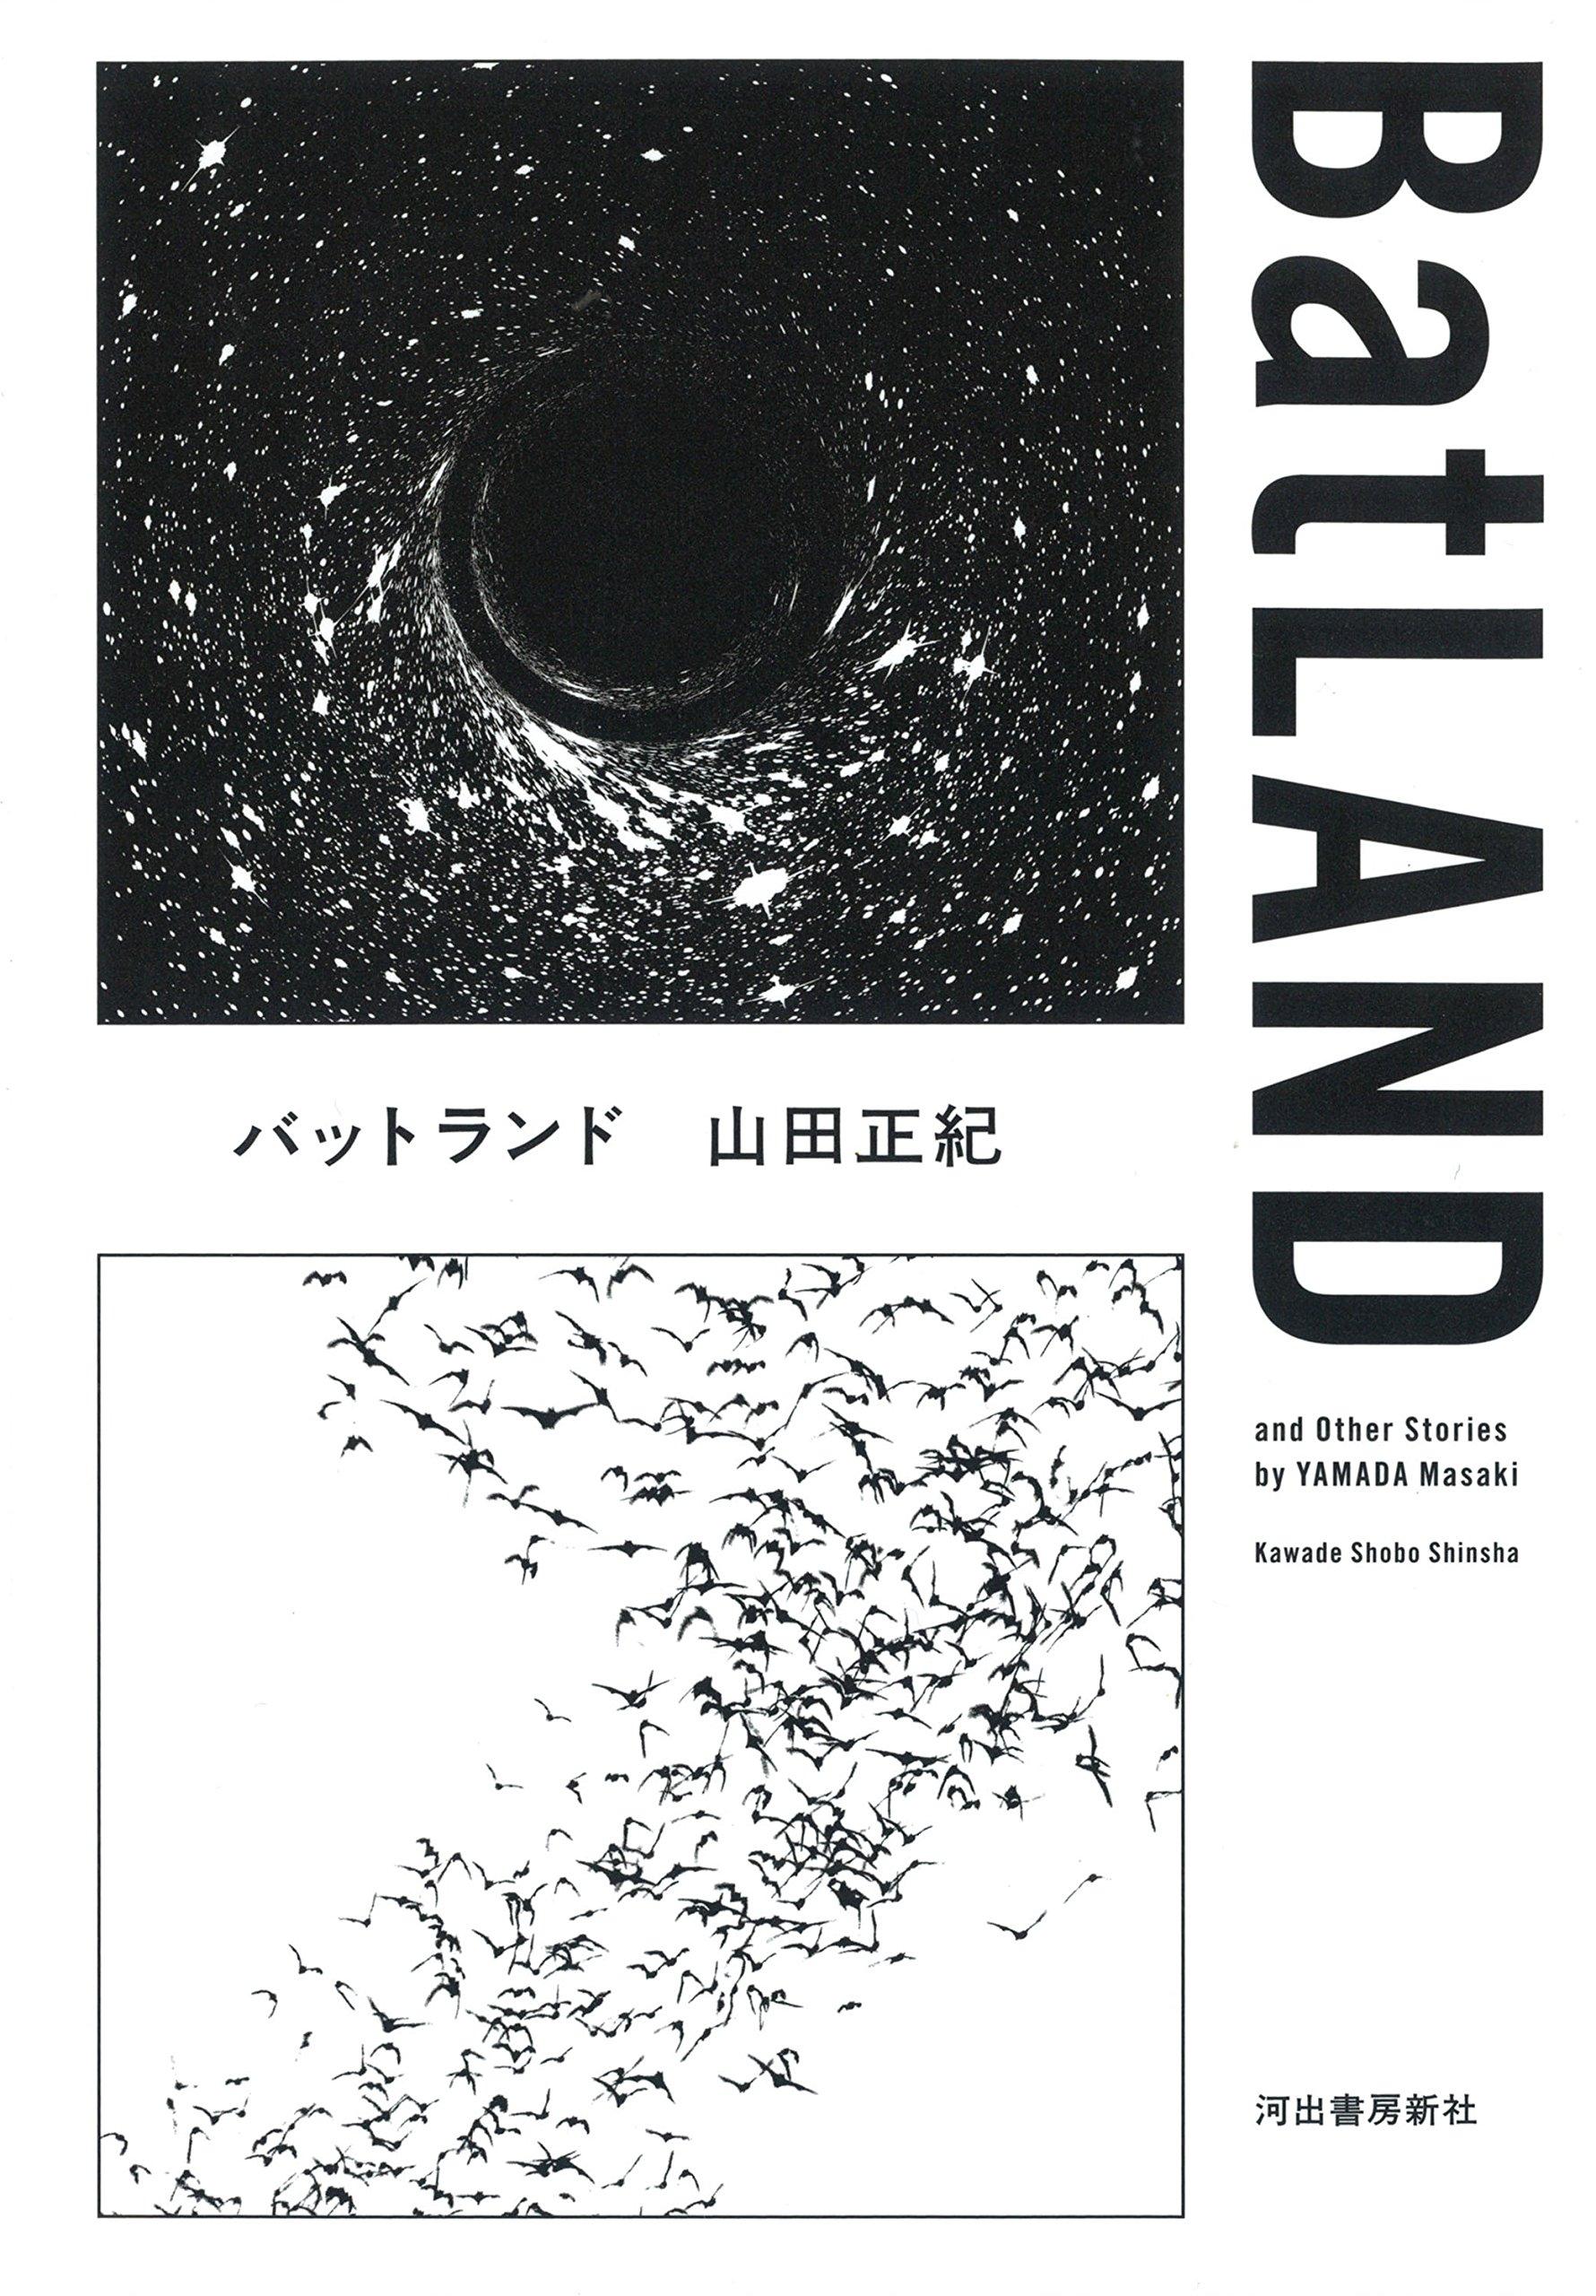 山田正紀『バットランド』(河出書房新社)